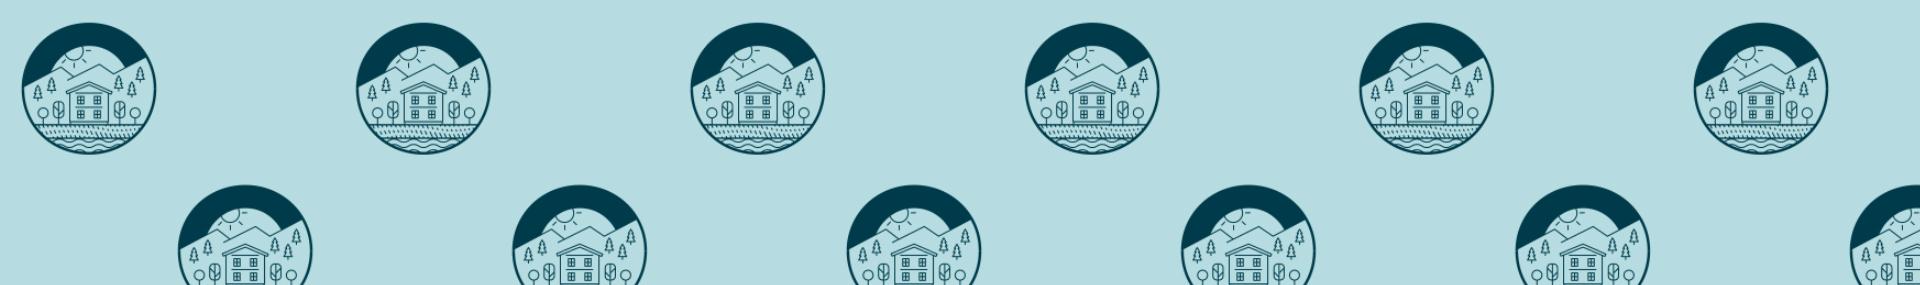 Stubo logotyp